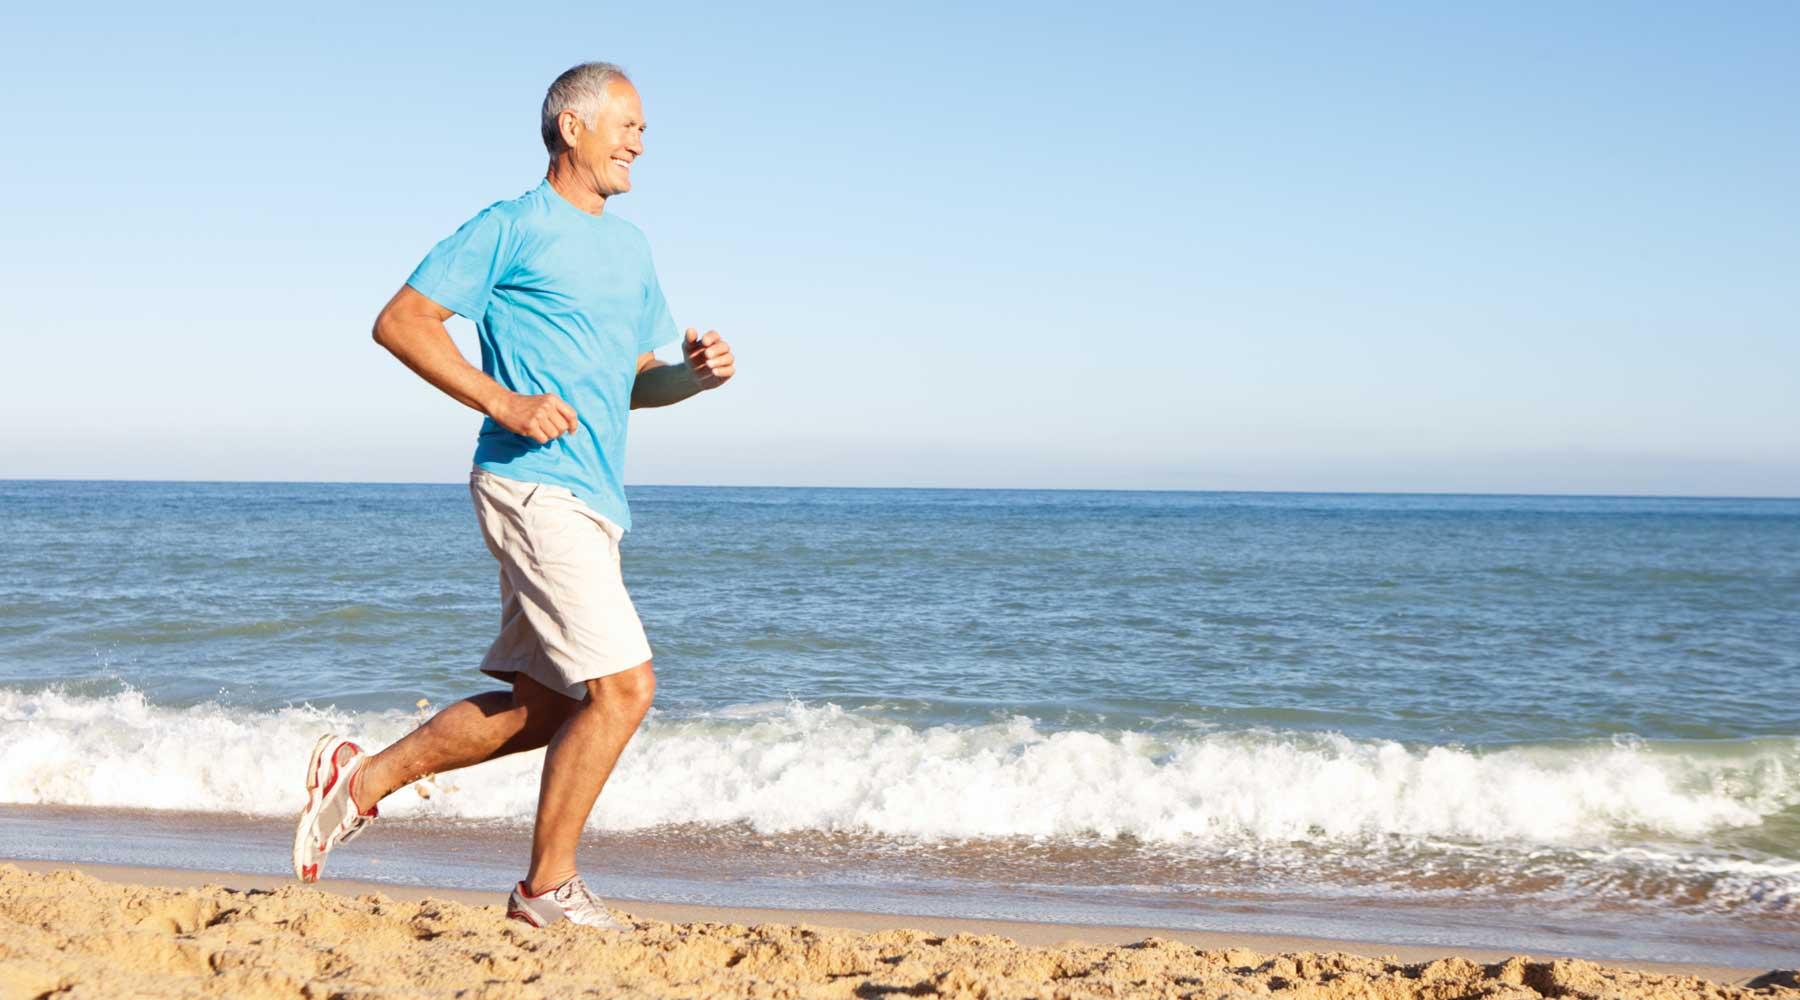 Older man running along the beach